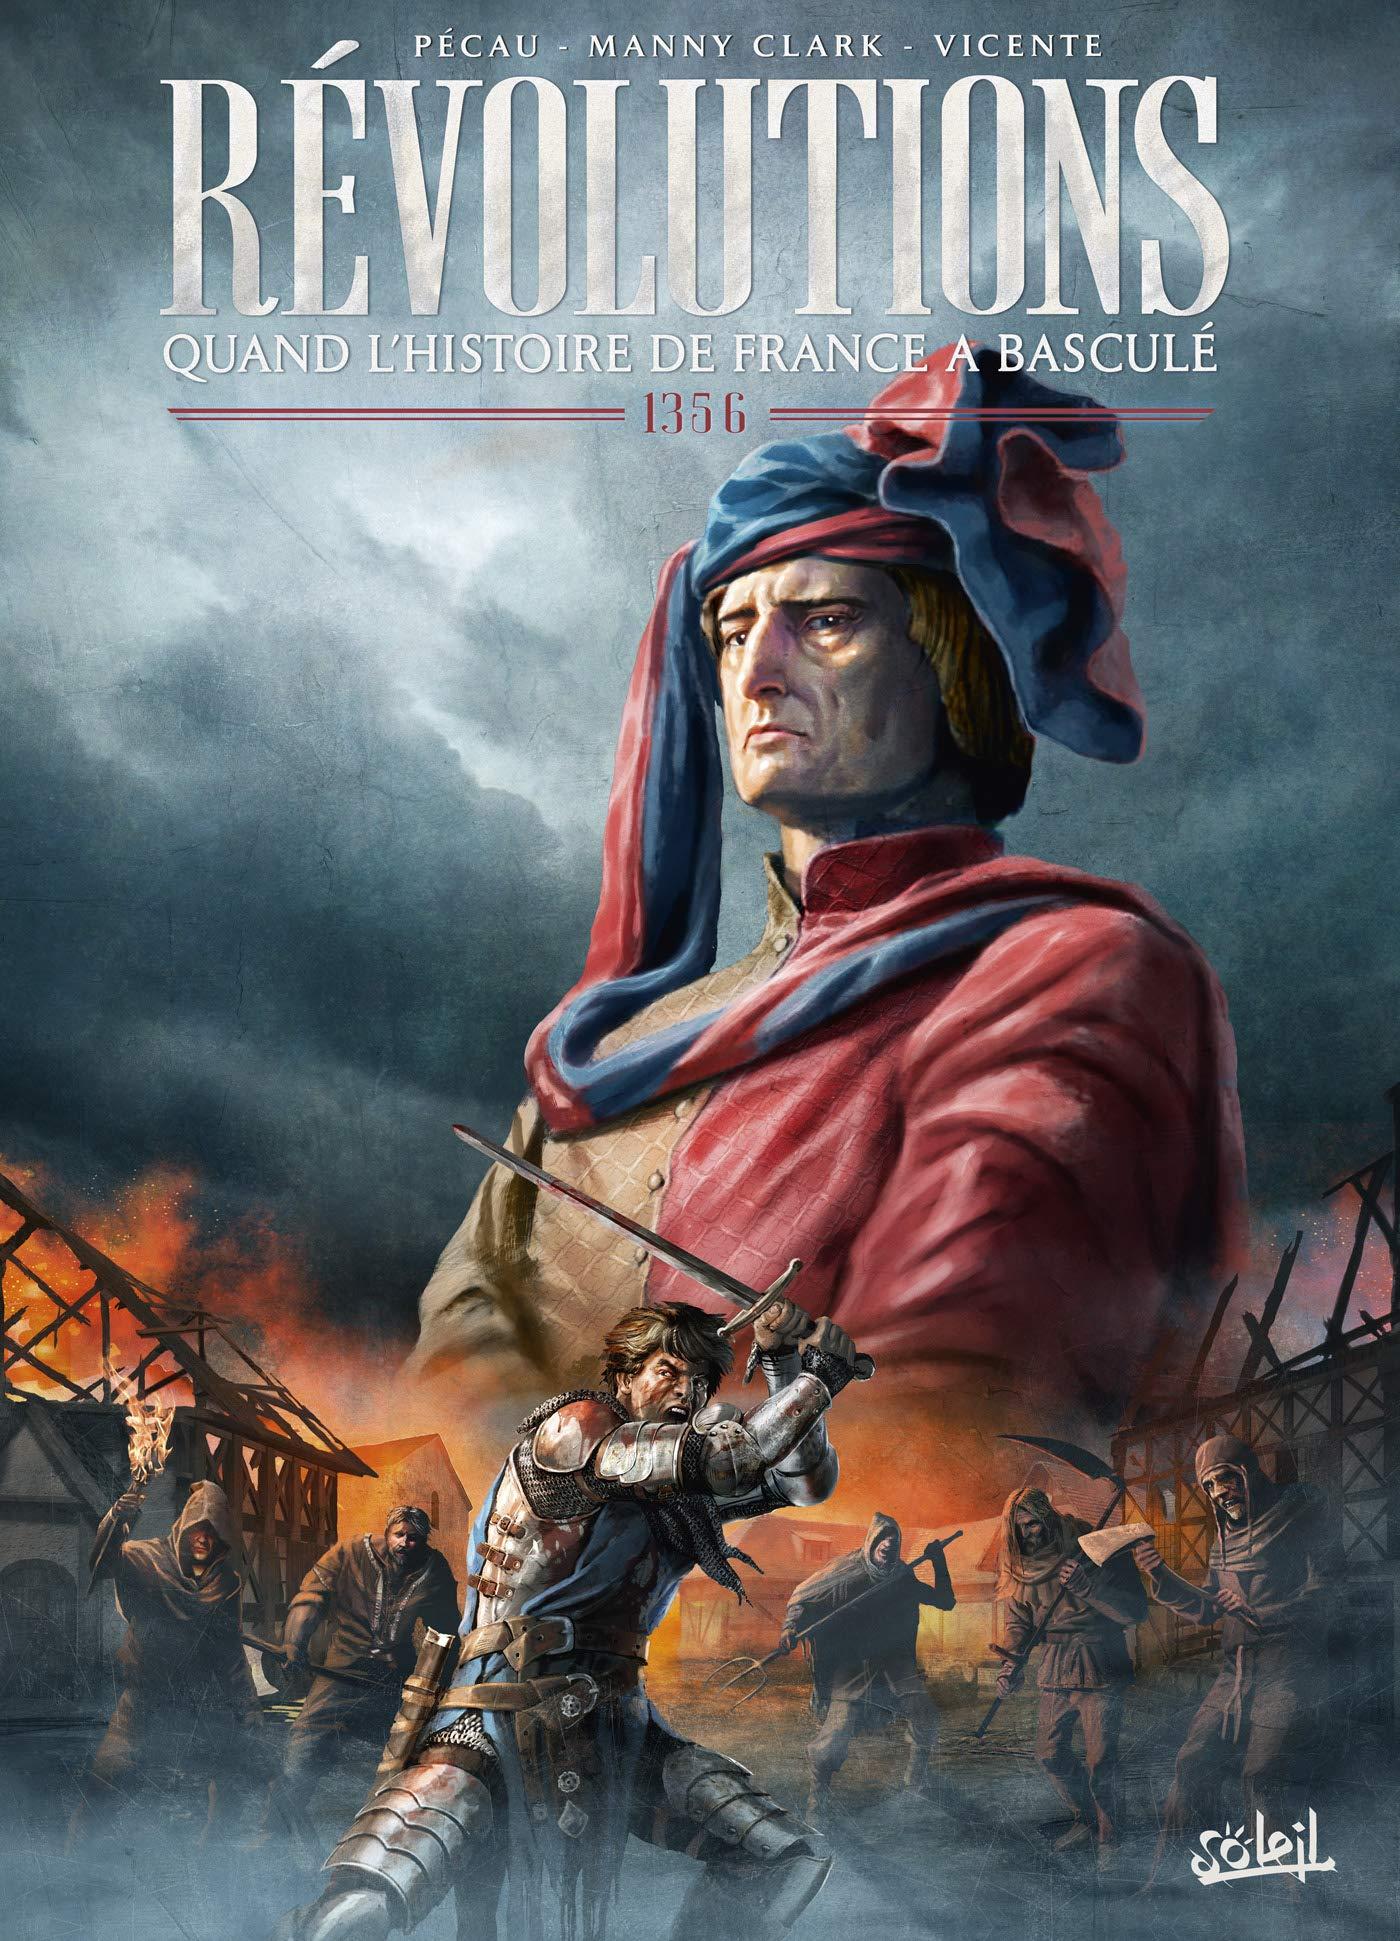 Révolutions - Quand l'Histoire de France a basculé 3 - 1356